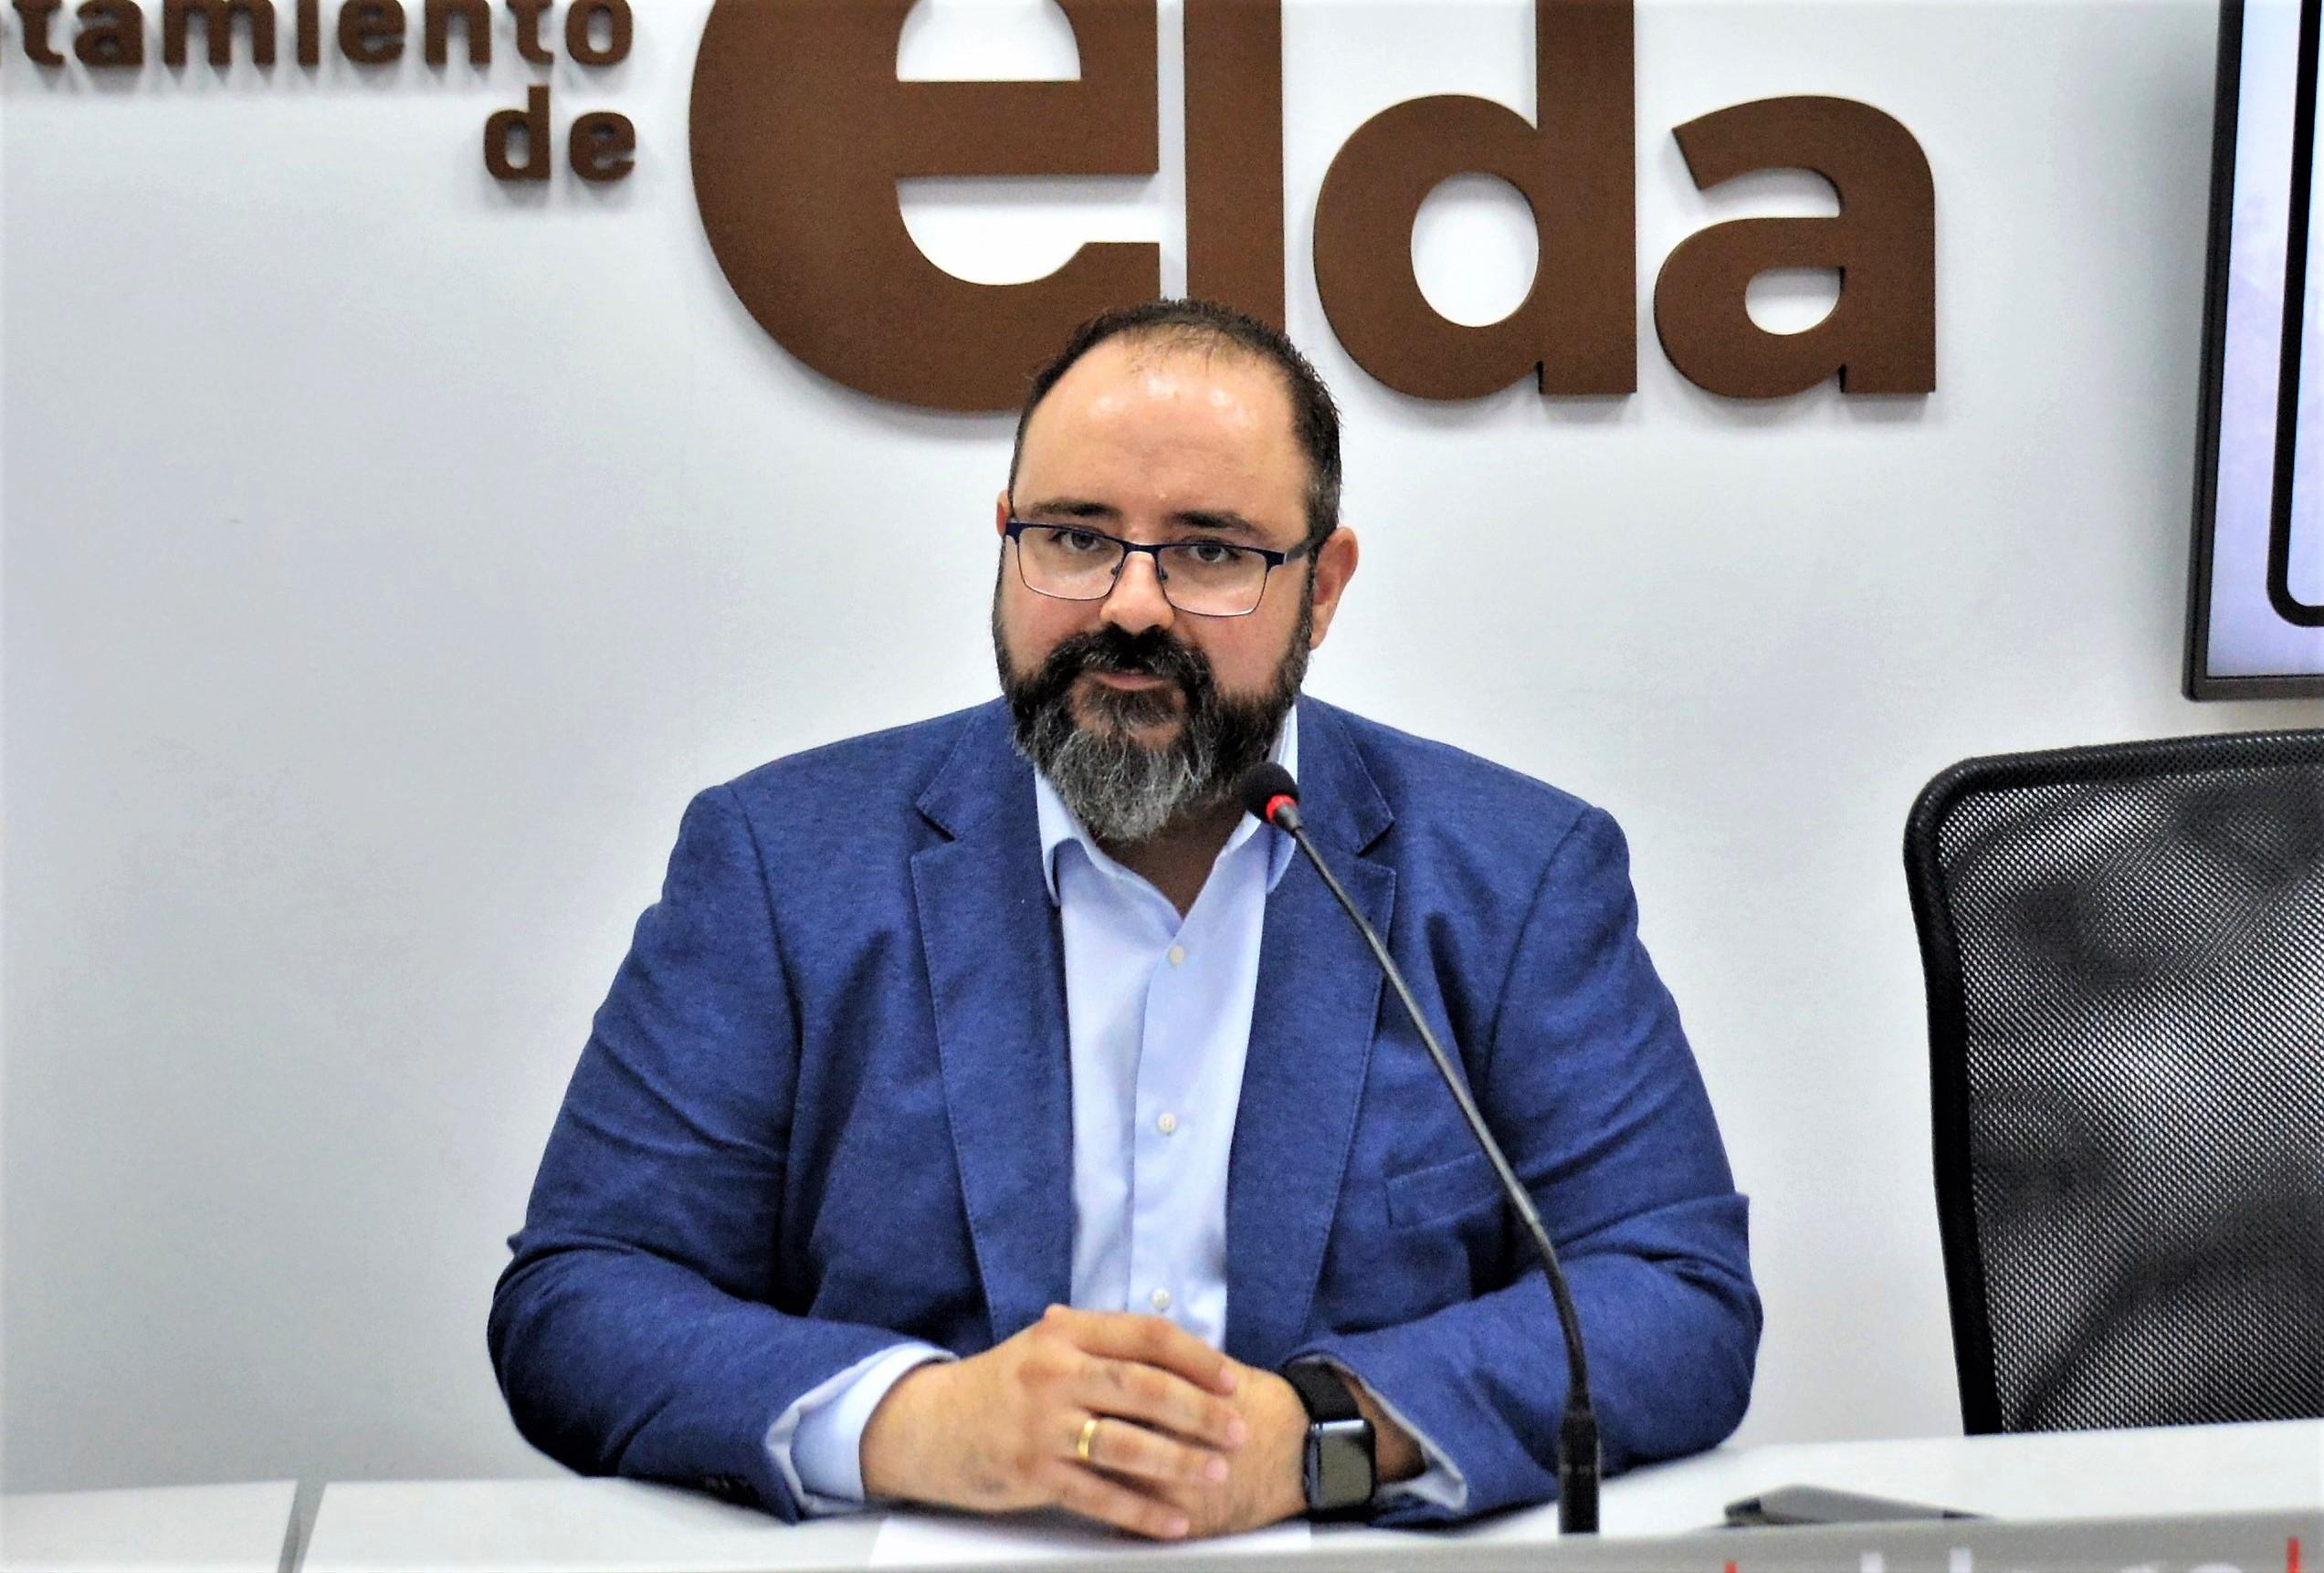 El Ayuntamiento de Elda publica la lista provisional de admitidos a la convocatoria de 16 plazas de auxiliar administrativo con más de 1.000 aspirantes